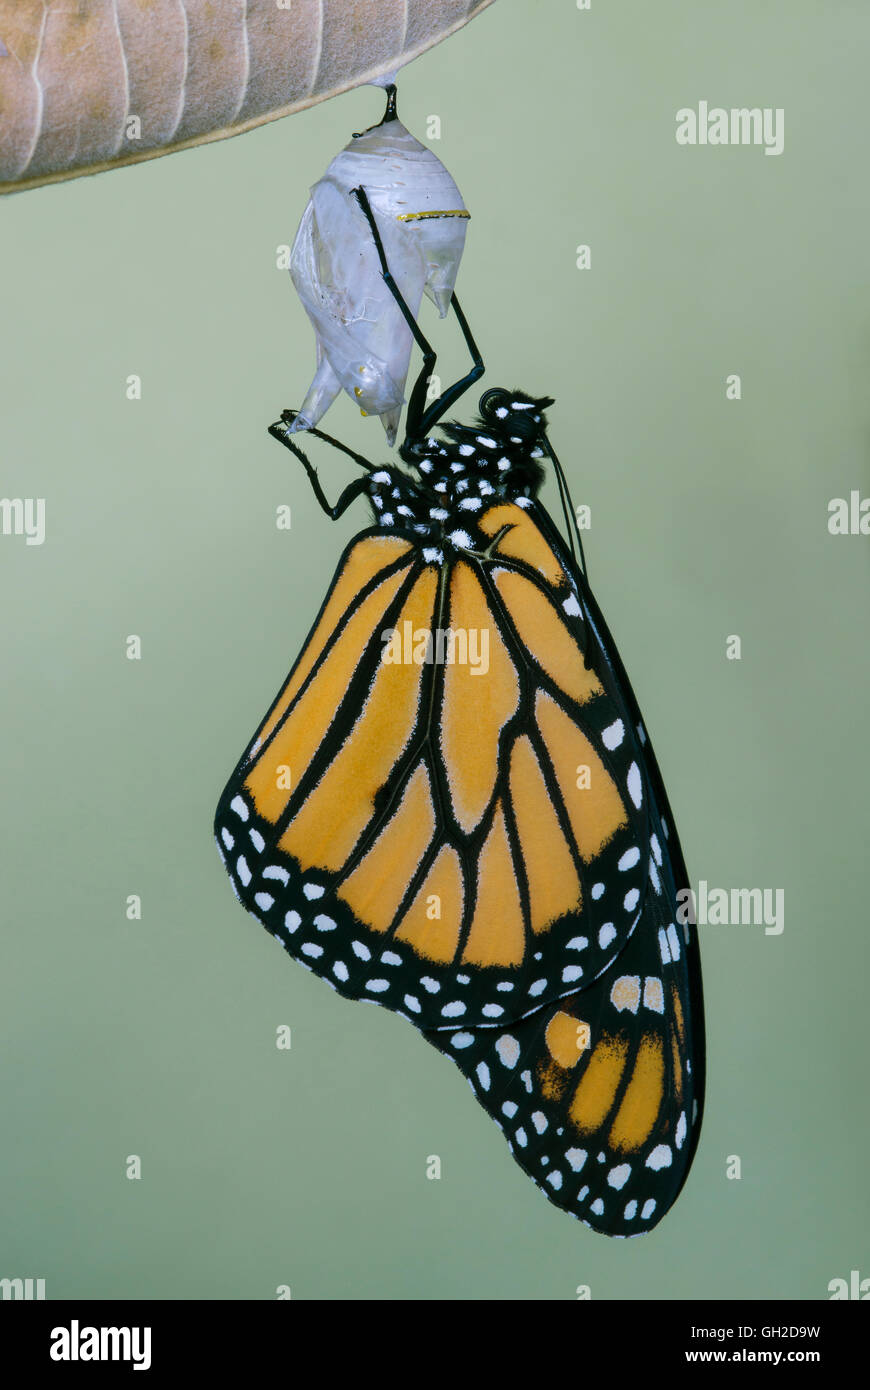 Mariposa monarca Danaus plexippus adulto saliendo de la crisálida y secado de este de los EE.UU. Imagen De Stock